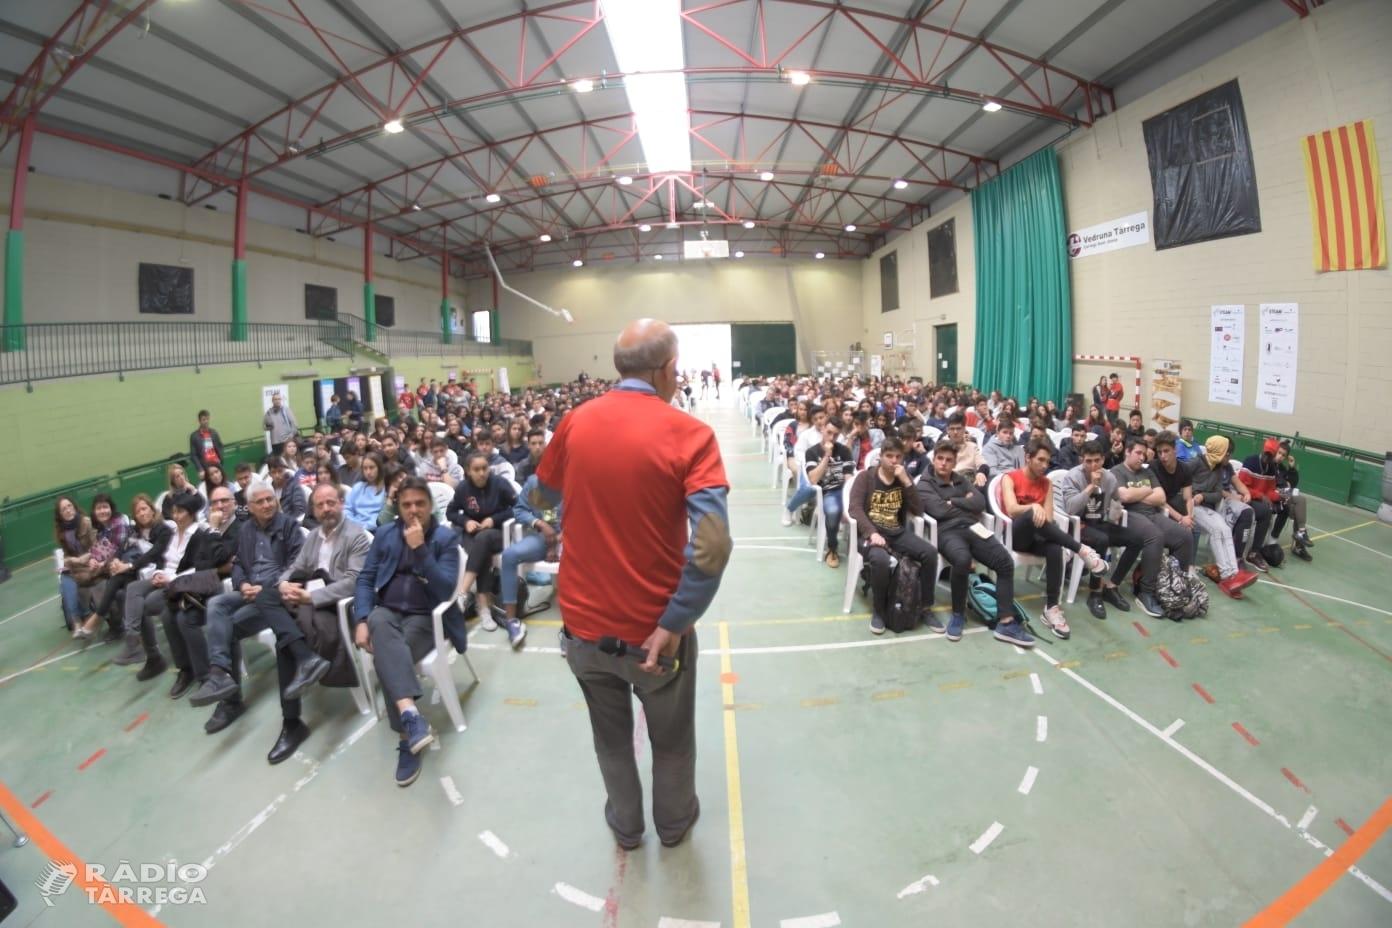 L'escola Vedruna de Tàrrega acull avui la VI Jornada Steam per tal de potenciar les vocacions científico-tecnològiques entre els joves